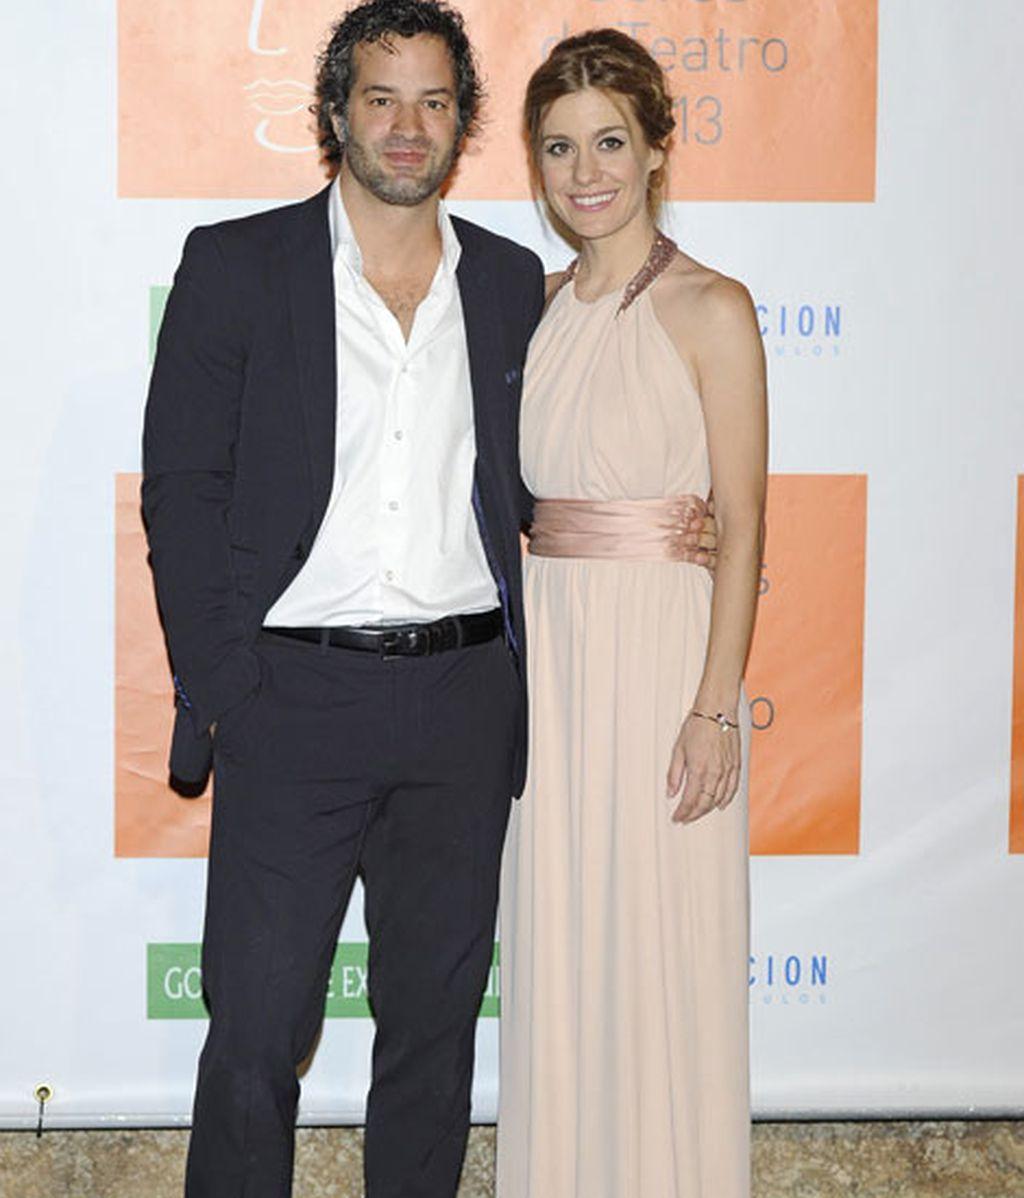 La actriz Alexandra Jiménez acudió con su chico, Luis Rallo